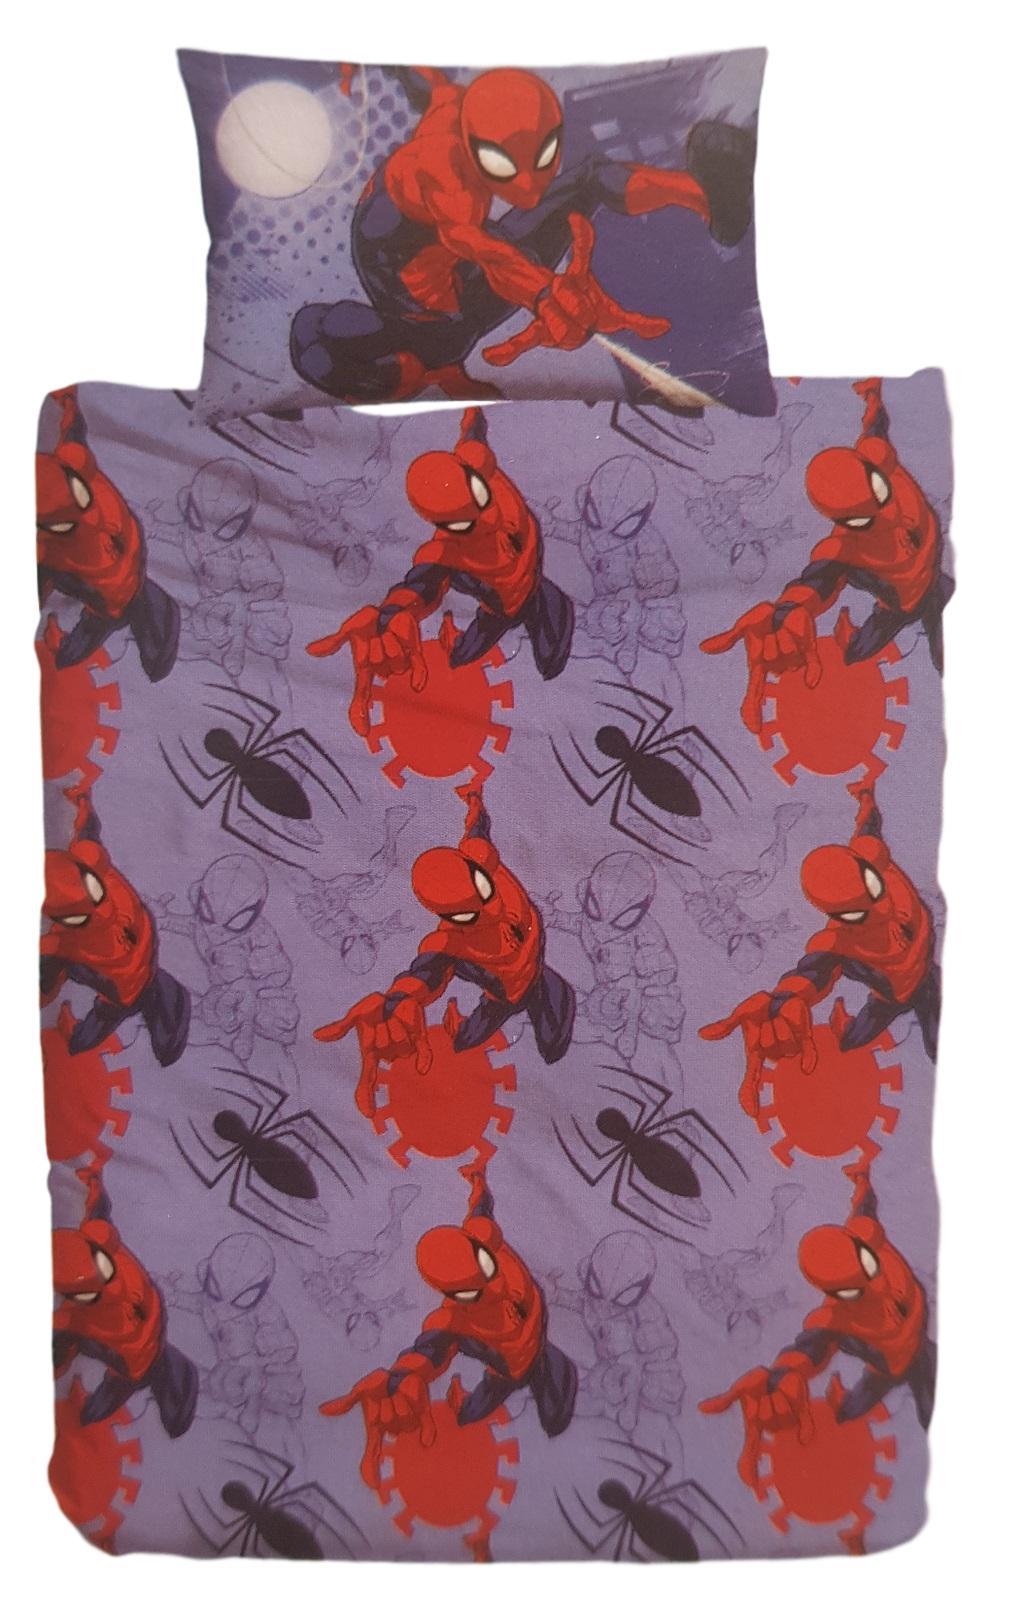 Intimo E Arredo Casa Disney Spiderman Copripiumino Singolo 100 Cotone Parure 2 Pezzi Sacco Federa 323965328431 Acquista Ora